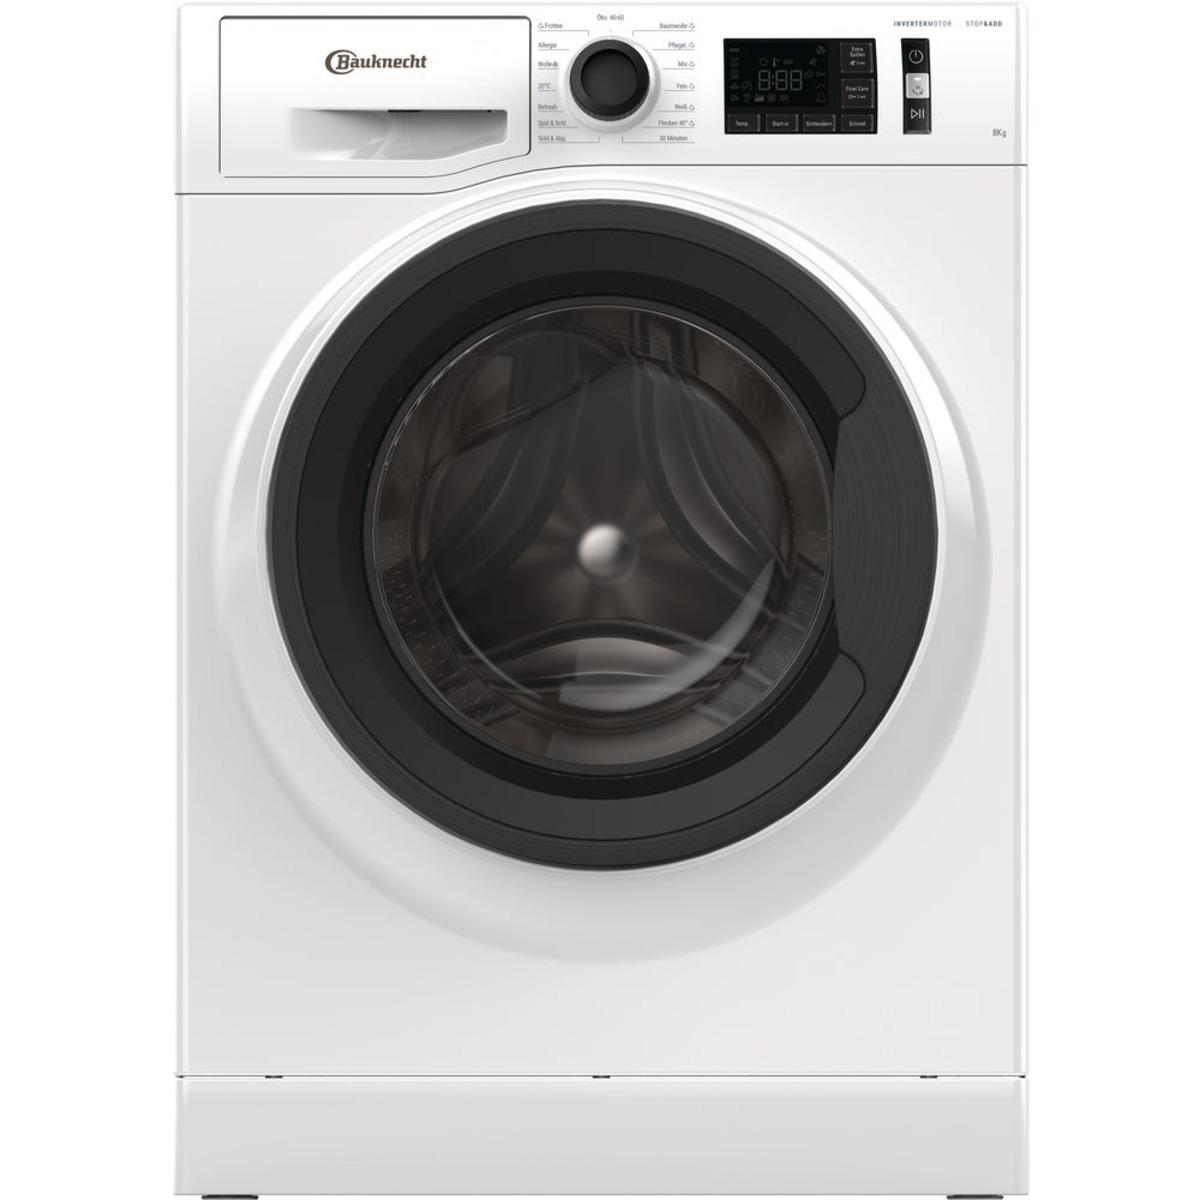 Bild 1 von BAUKNECHT WM ELITE 811 C Waschmaschine mit 1400 U/Min. in Weiß